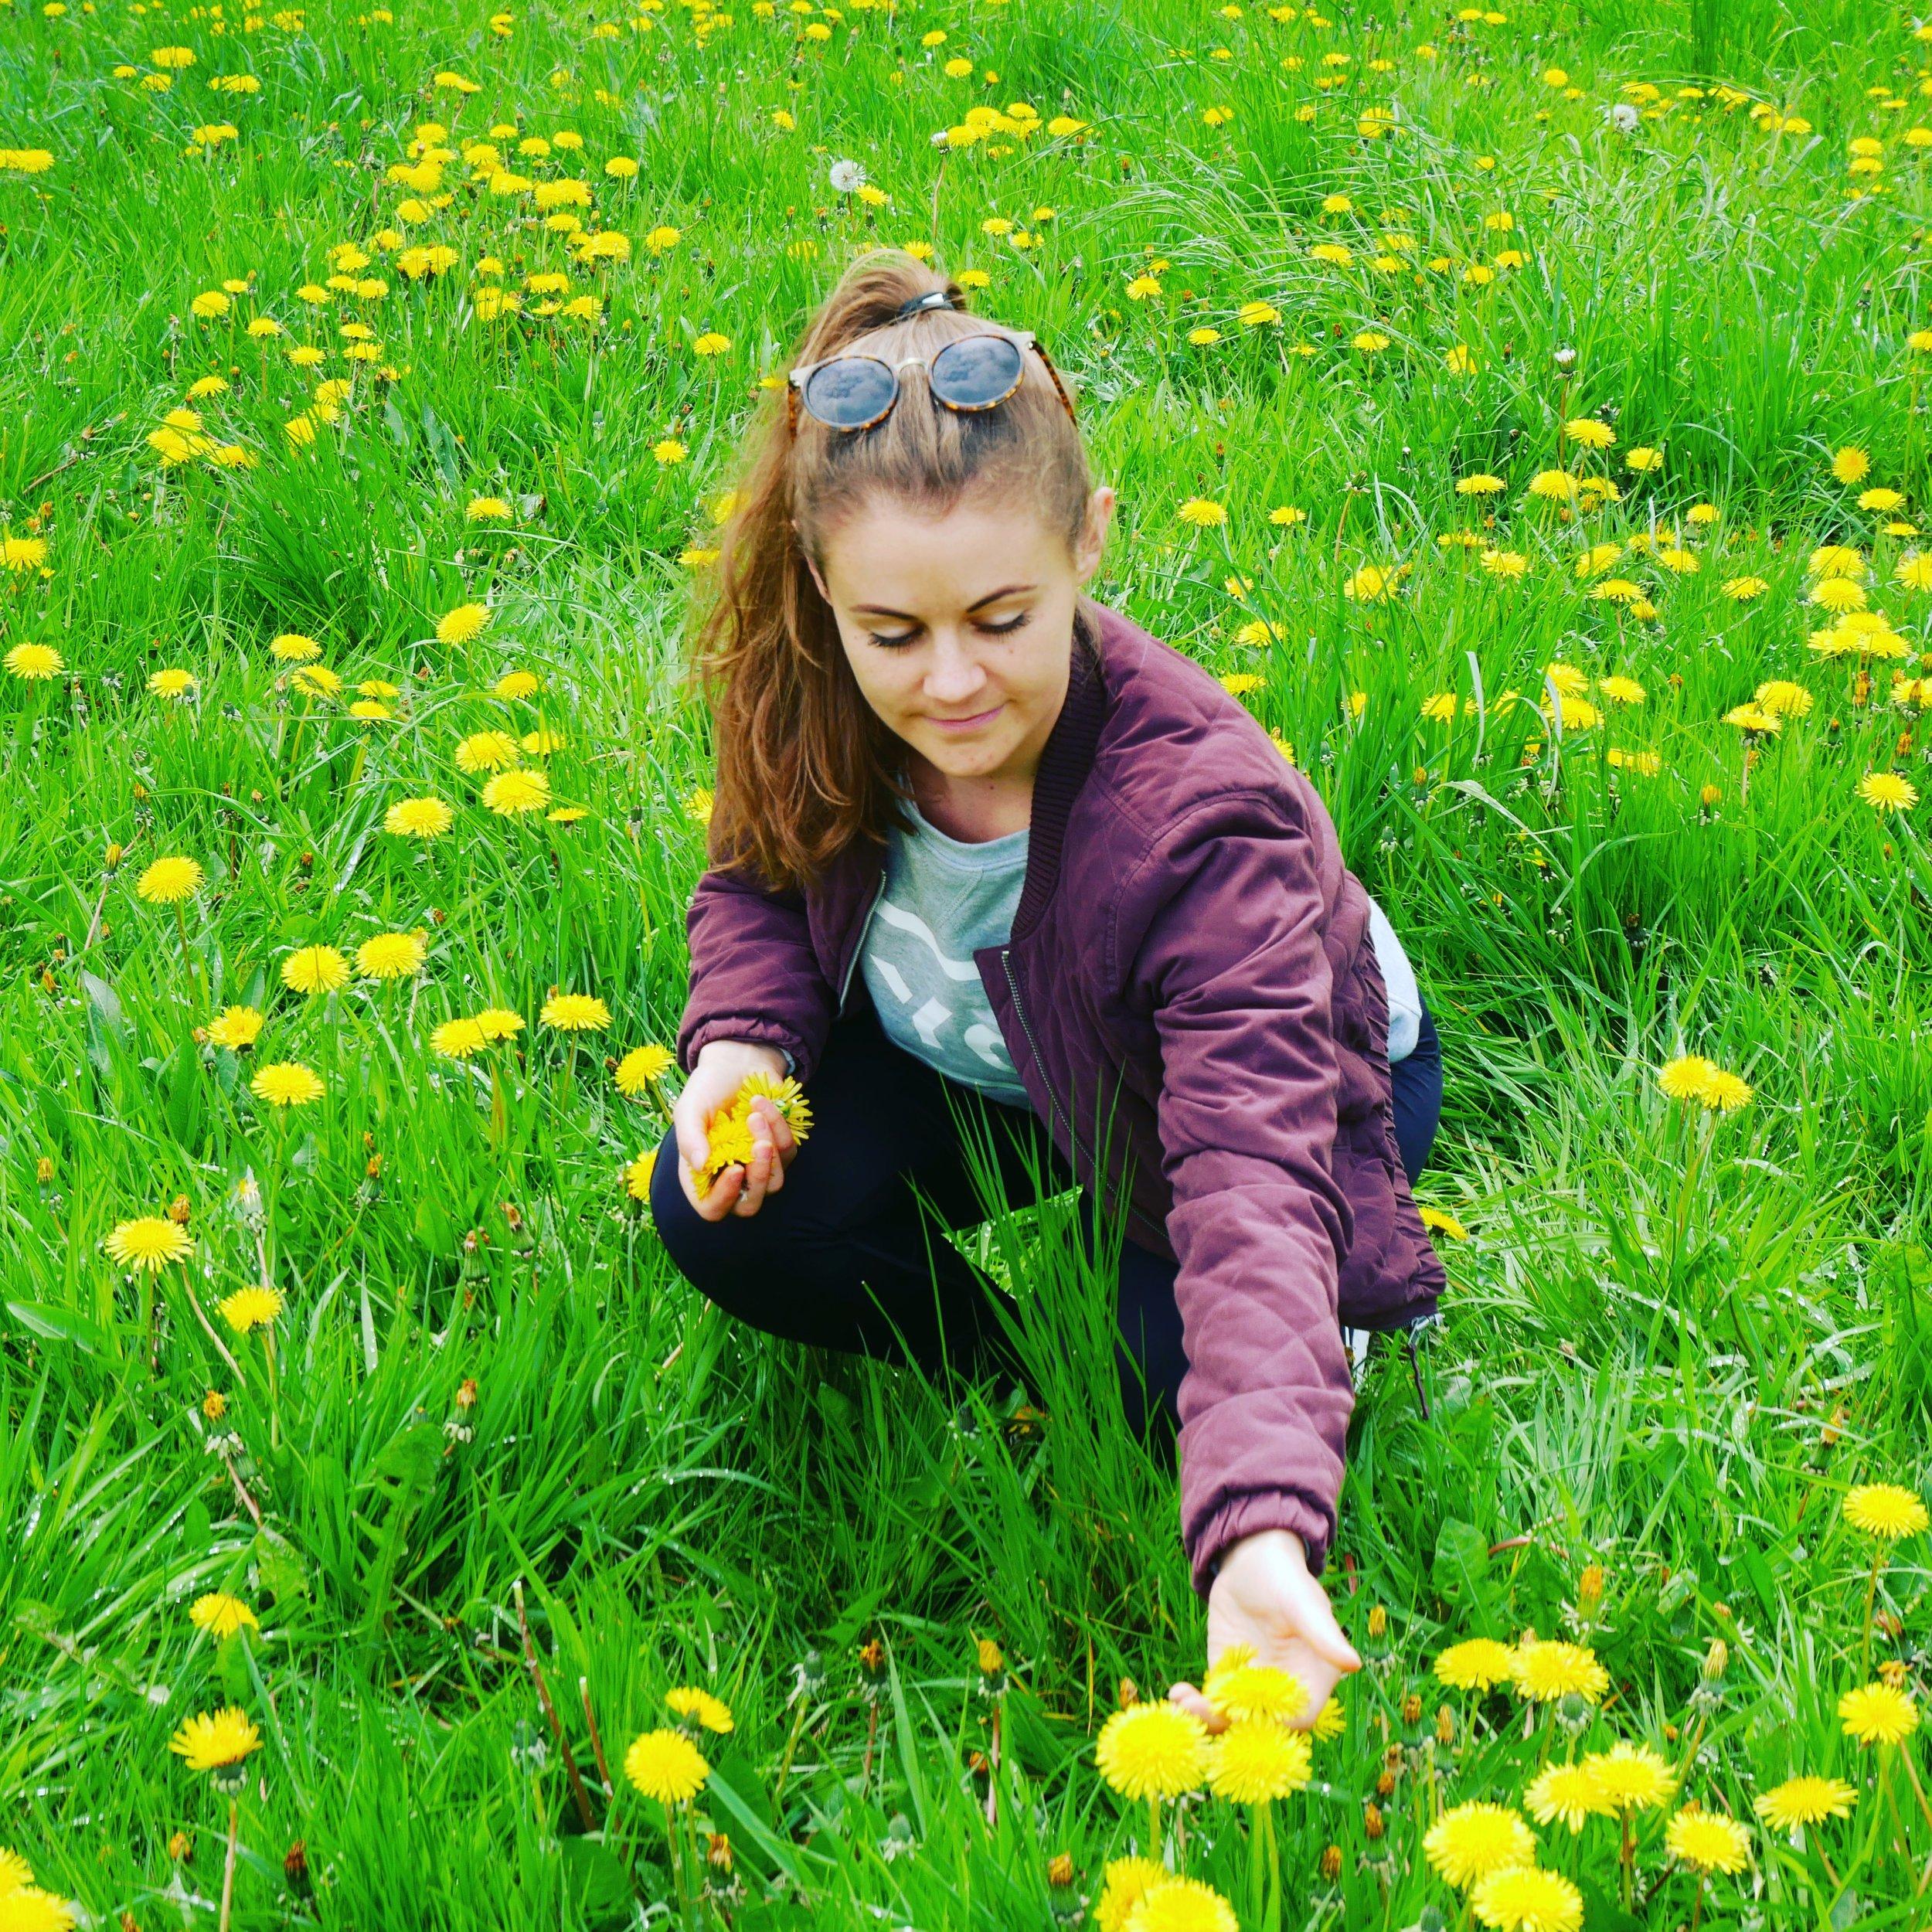 Tina har lige været på retreat i Grækenland hvor hendes arbejde bestod i at tage billeder og blogge om sin oplevelse af retreatet.